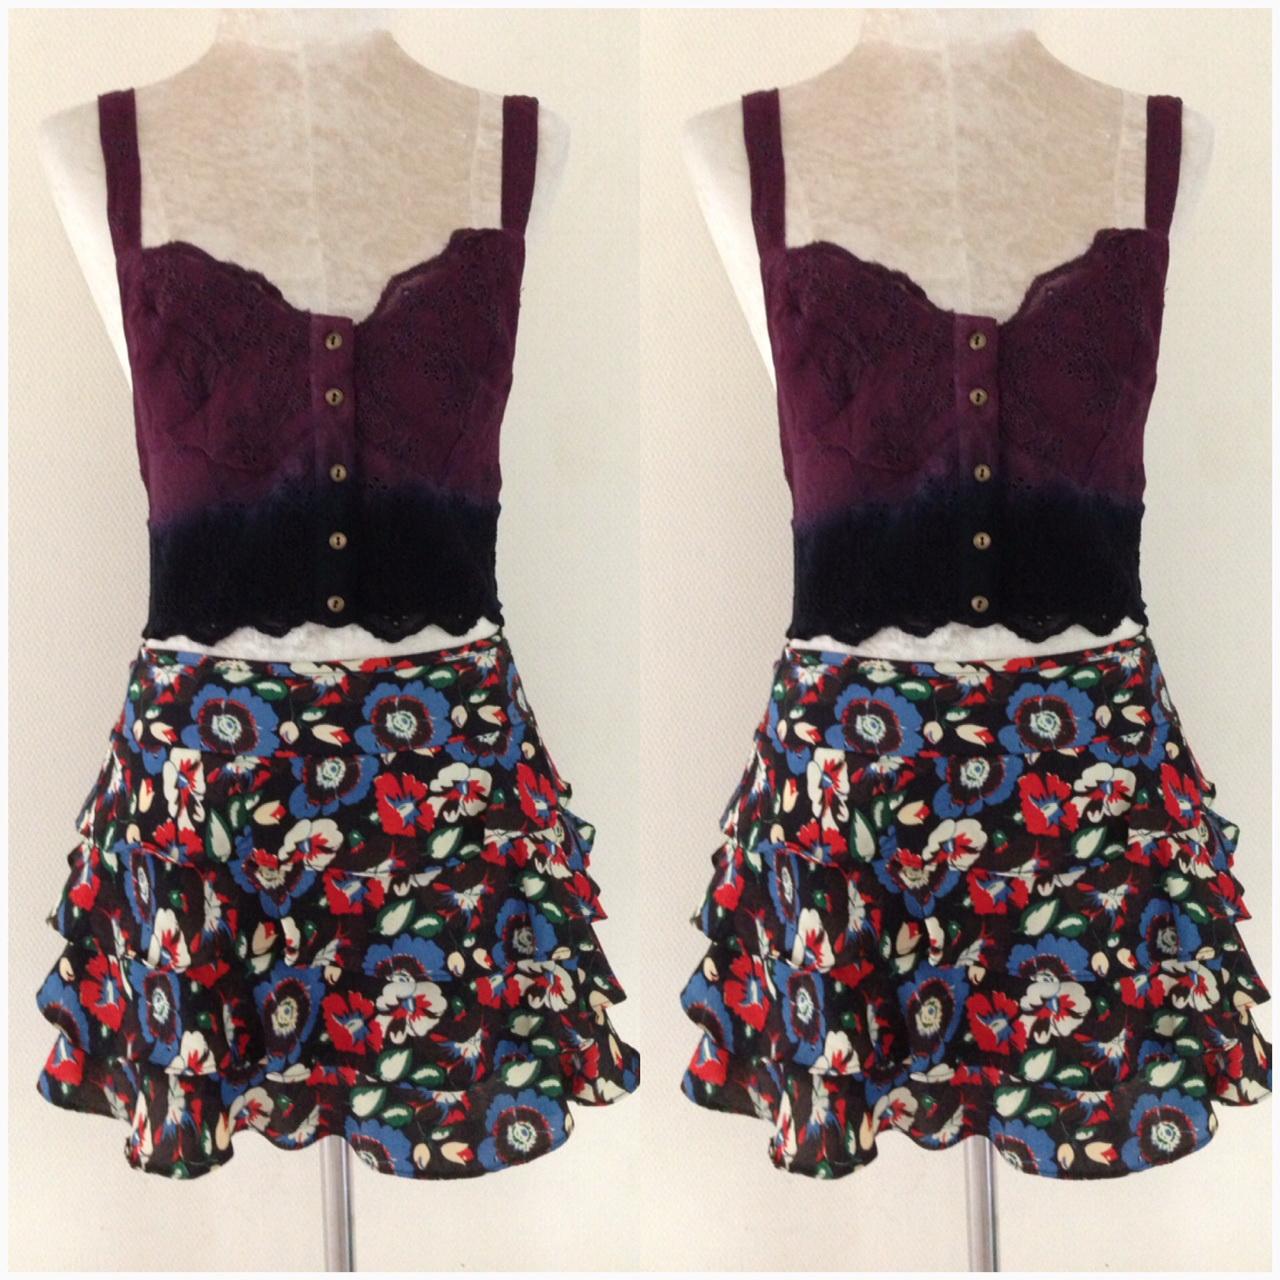 Topshop Floral Skirt Size Uk8